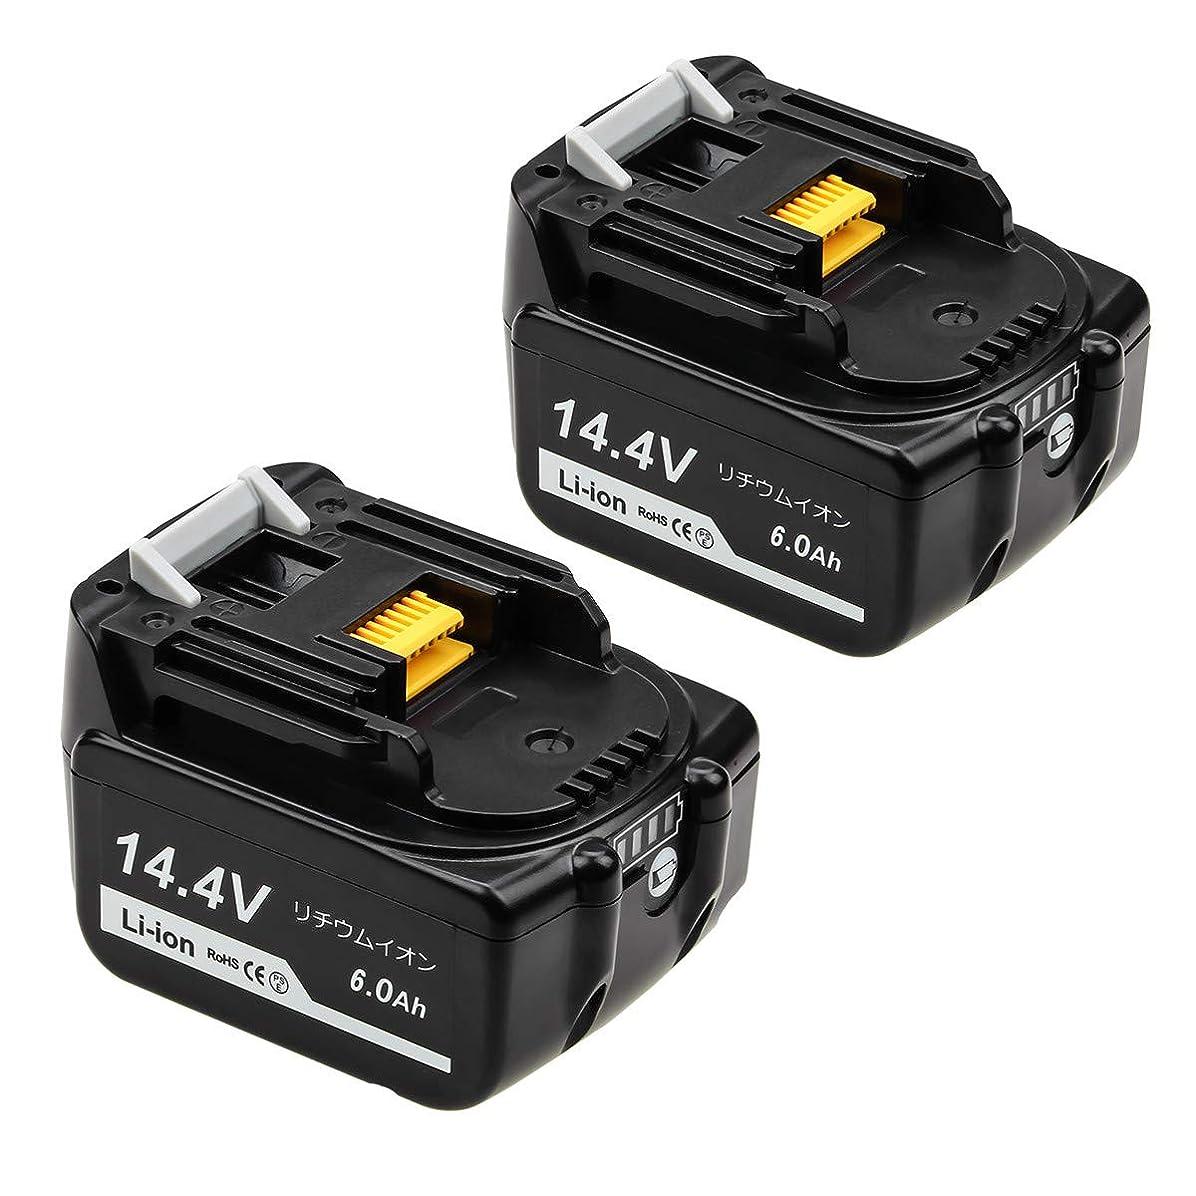 Enermall(2個セット)マキタ14.4vバッテリー BL1460B 6000mAh LED残量表示付き大容量互換品安心の1年保証